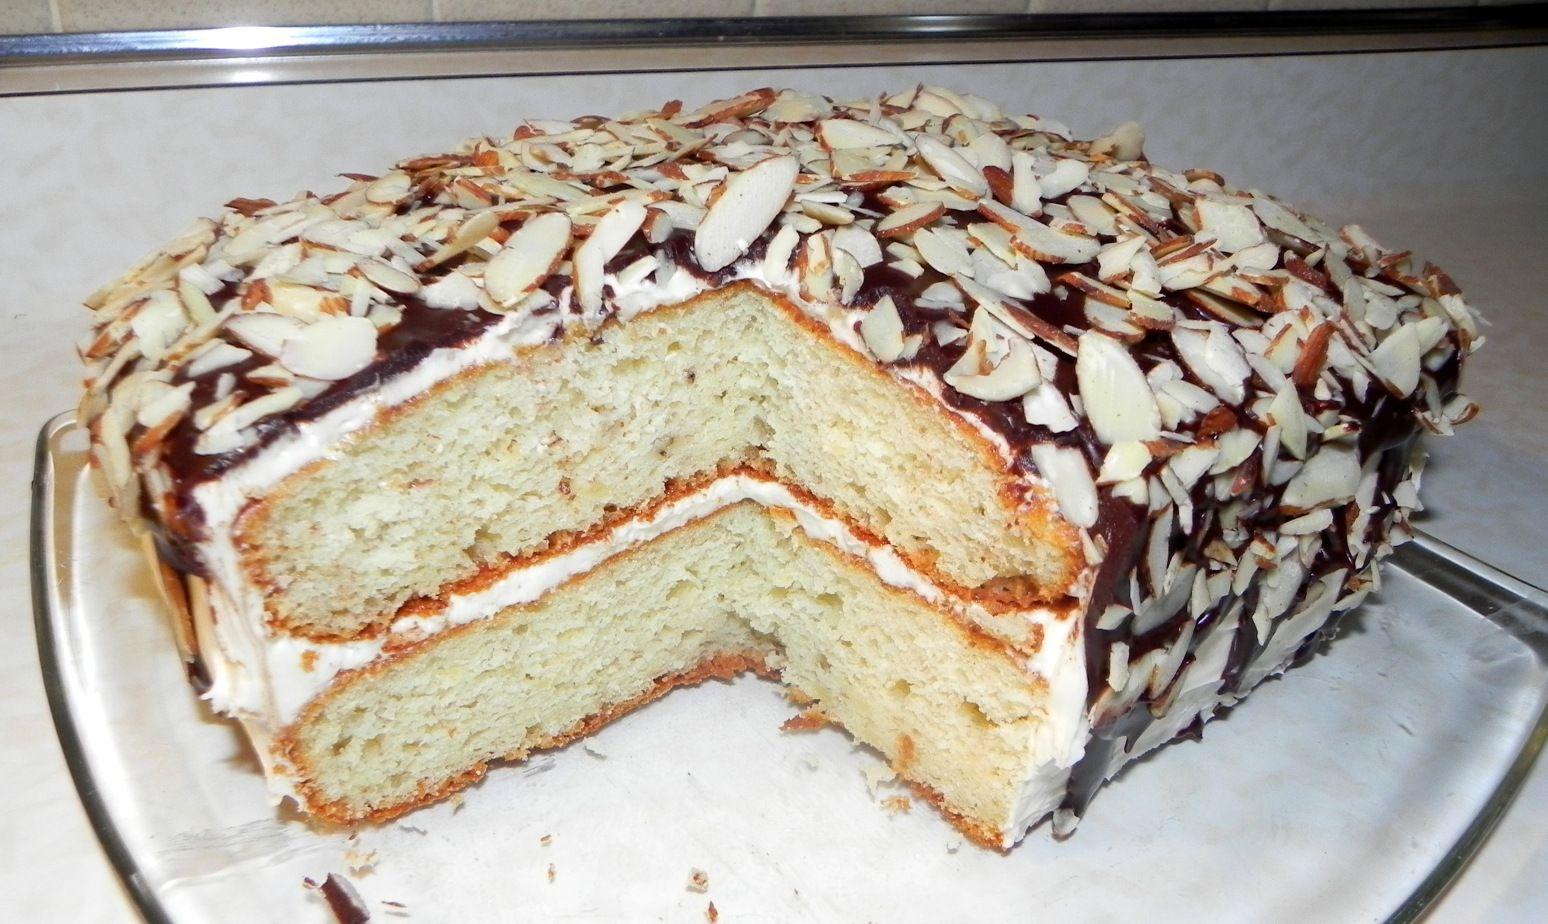 Banana sour cream cake recipe banana sour cream cake